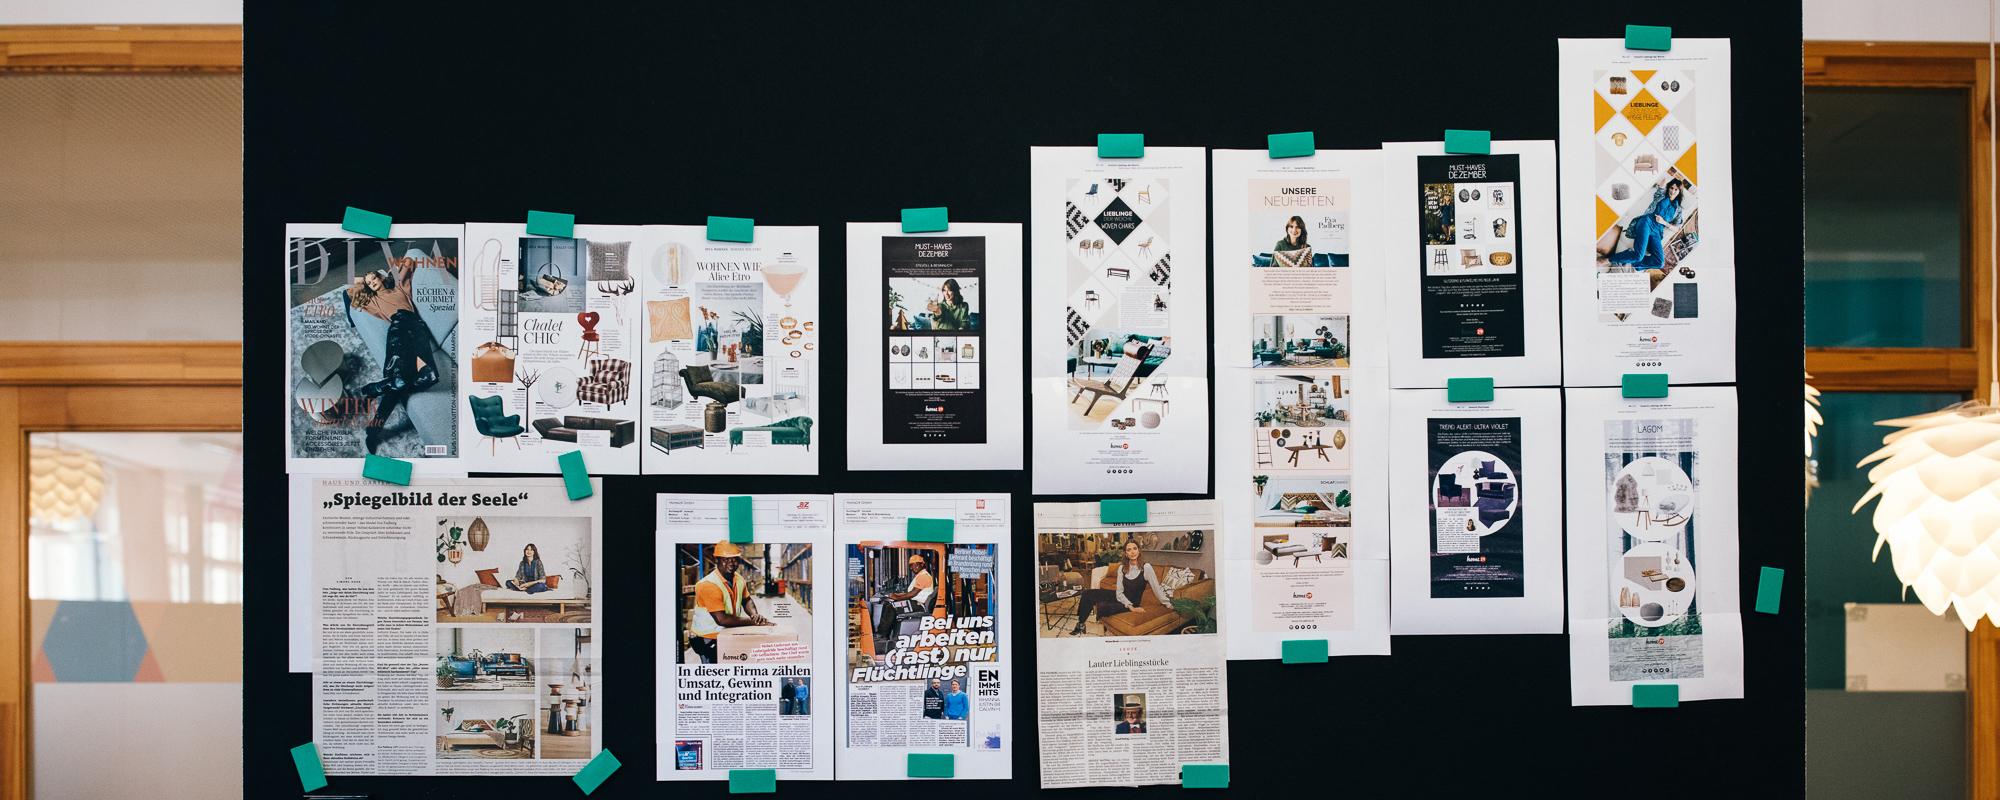 Pressemitteilungen Home24 Firmenwebsite